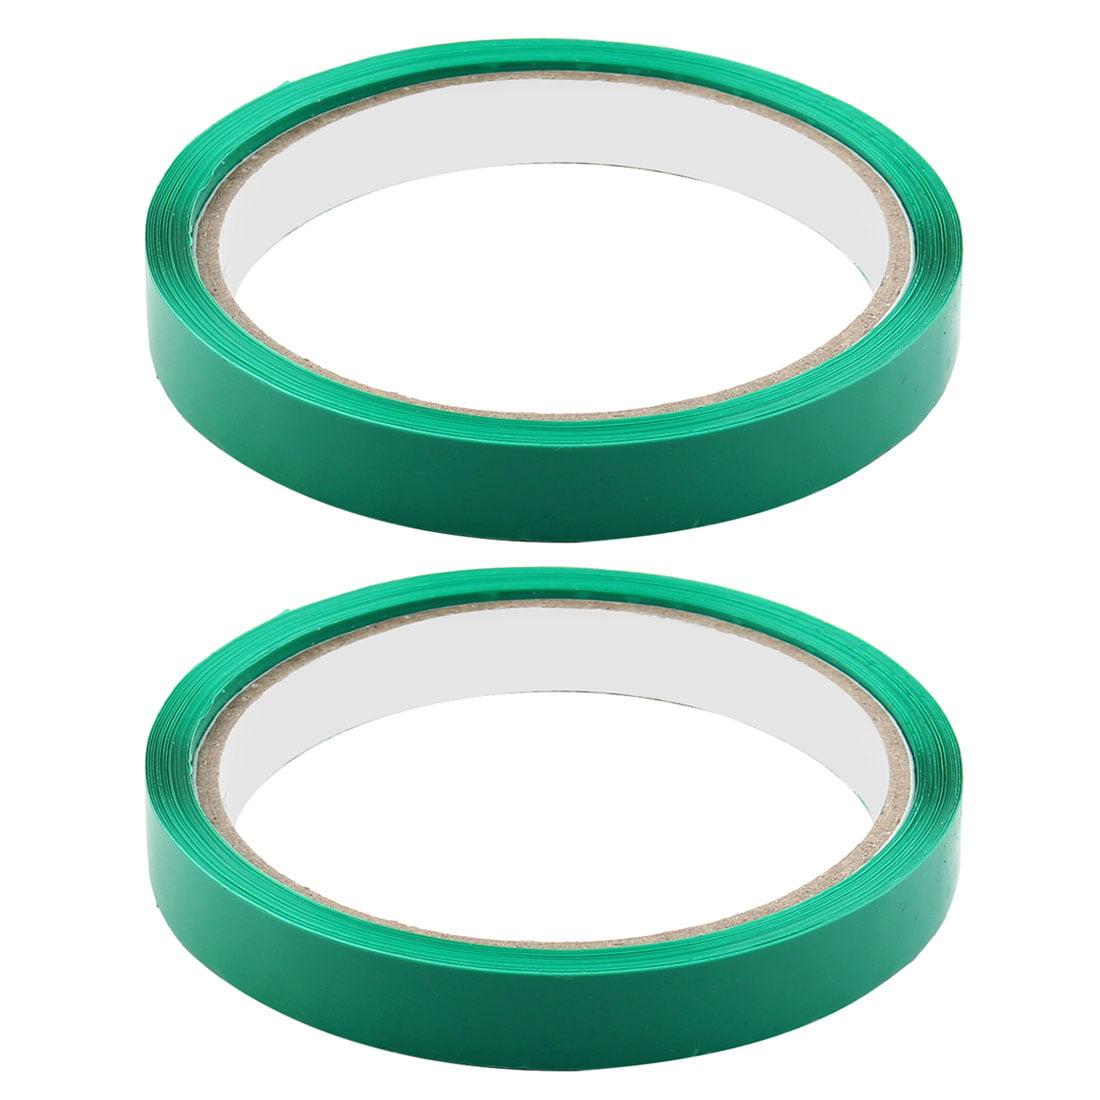 Supermarket PVC Vagetable Sealing Adhesive Tape Dark Green 1.2cm Width 2pcs